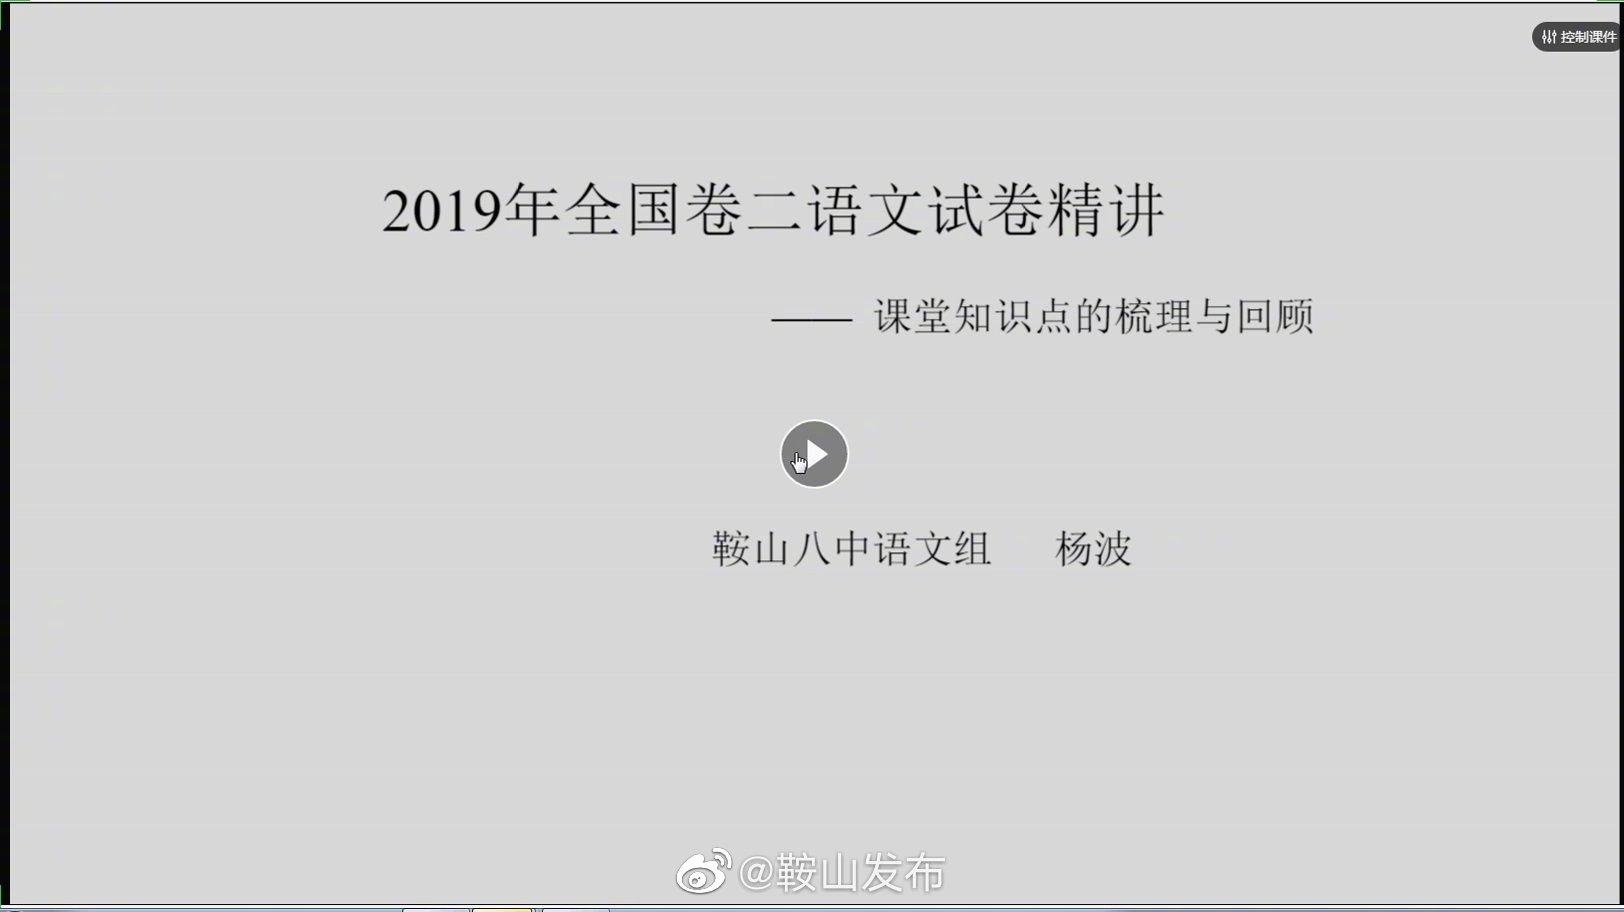 名师云课堂|高三语文:2019年全国卷二知识点回顾